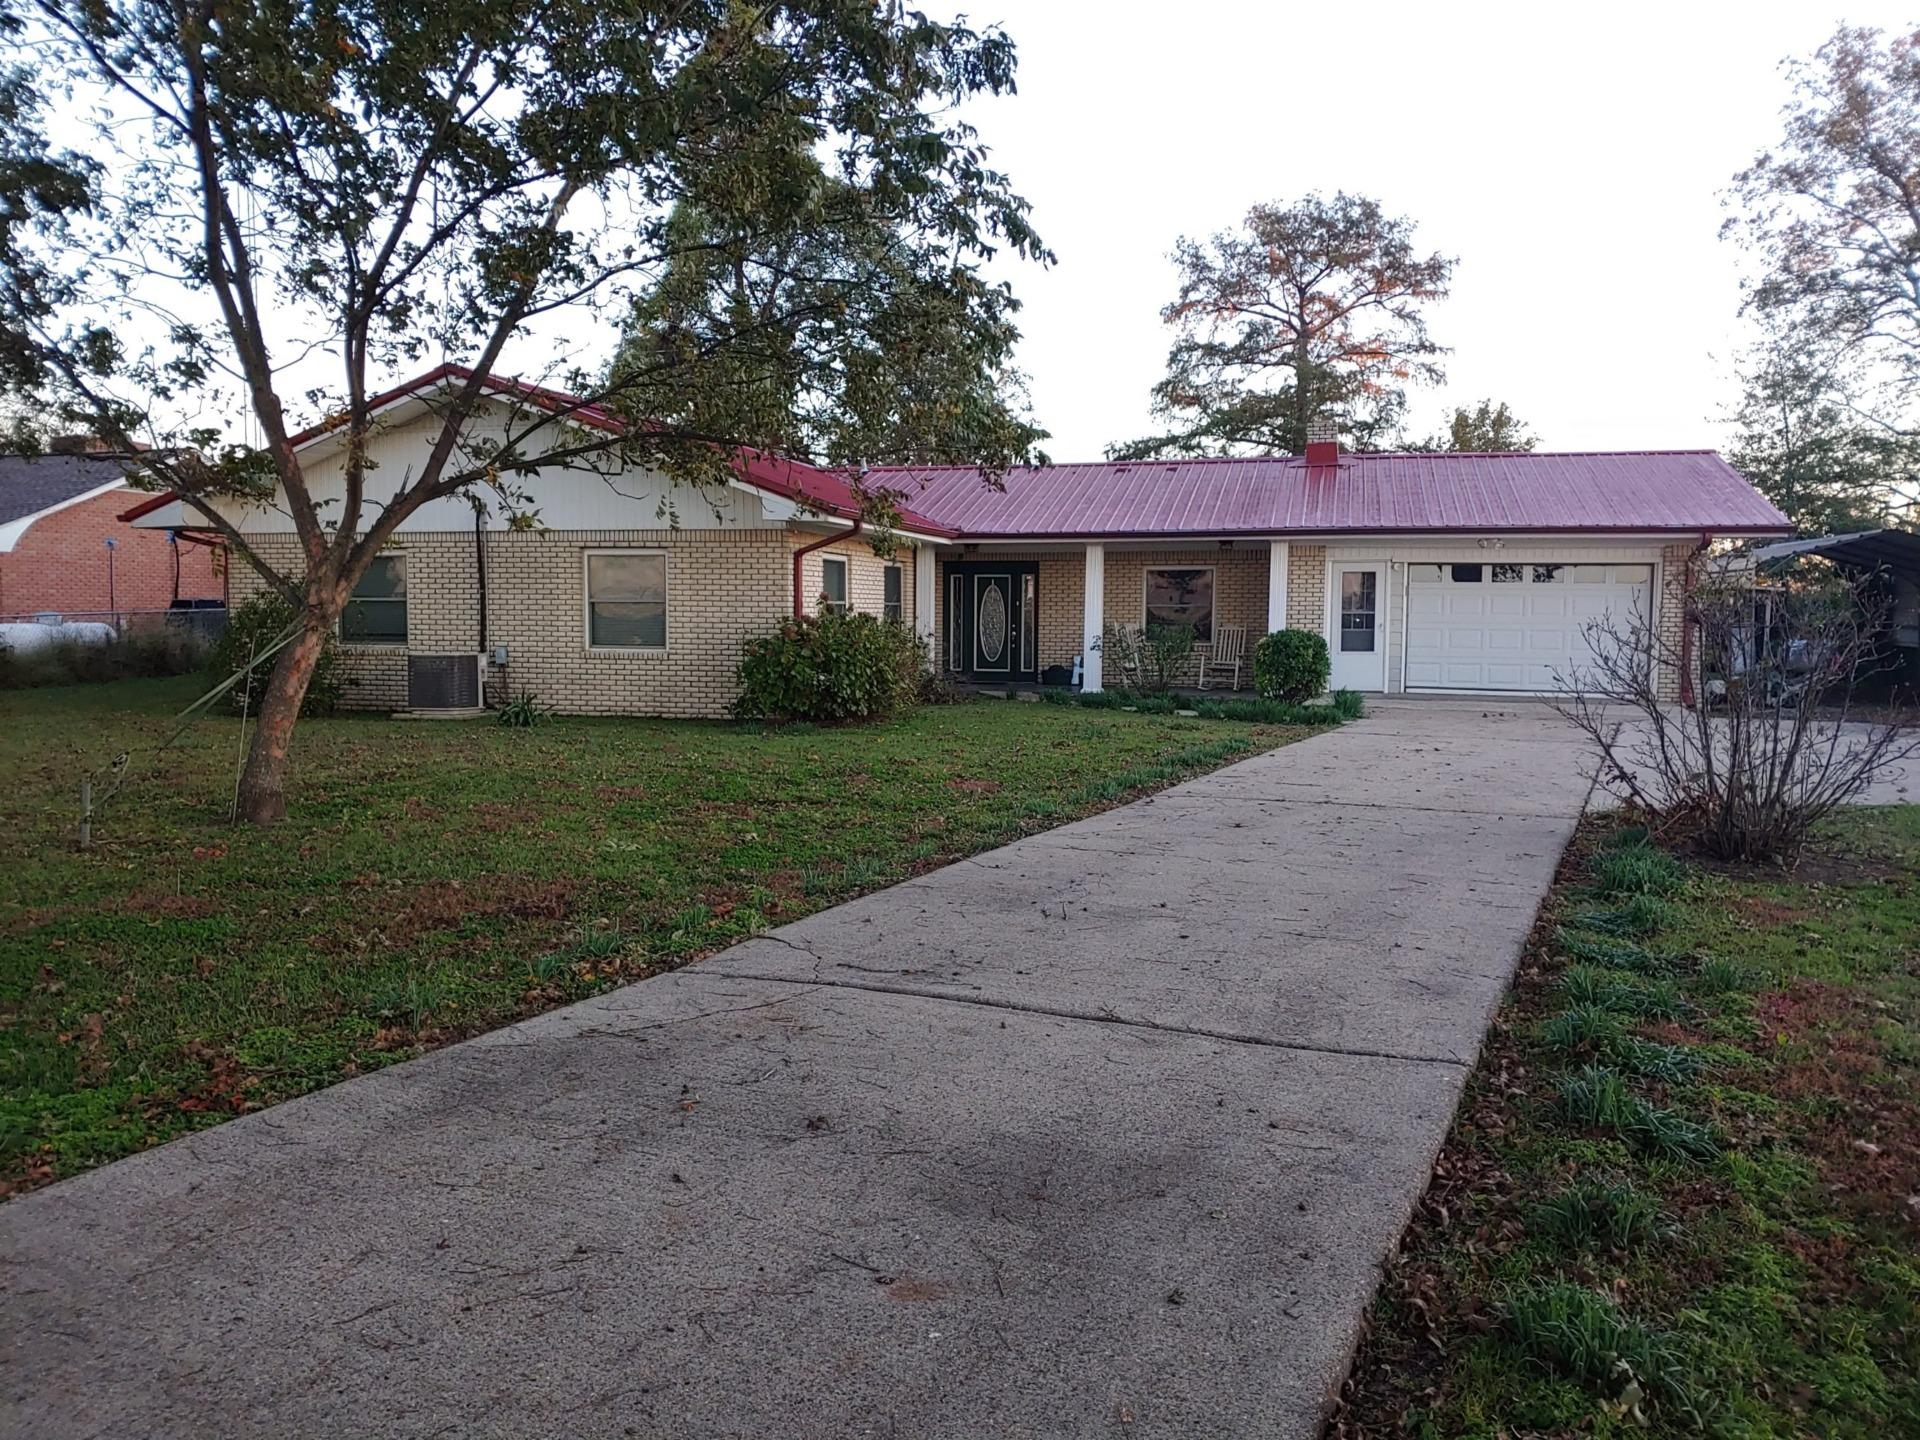 457 Lakehall RD, Lake Village 71653